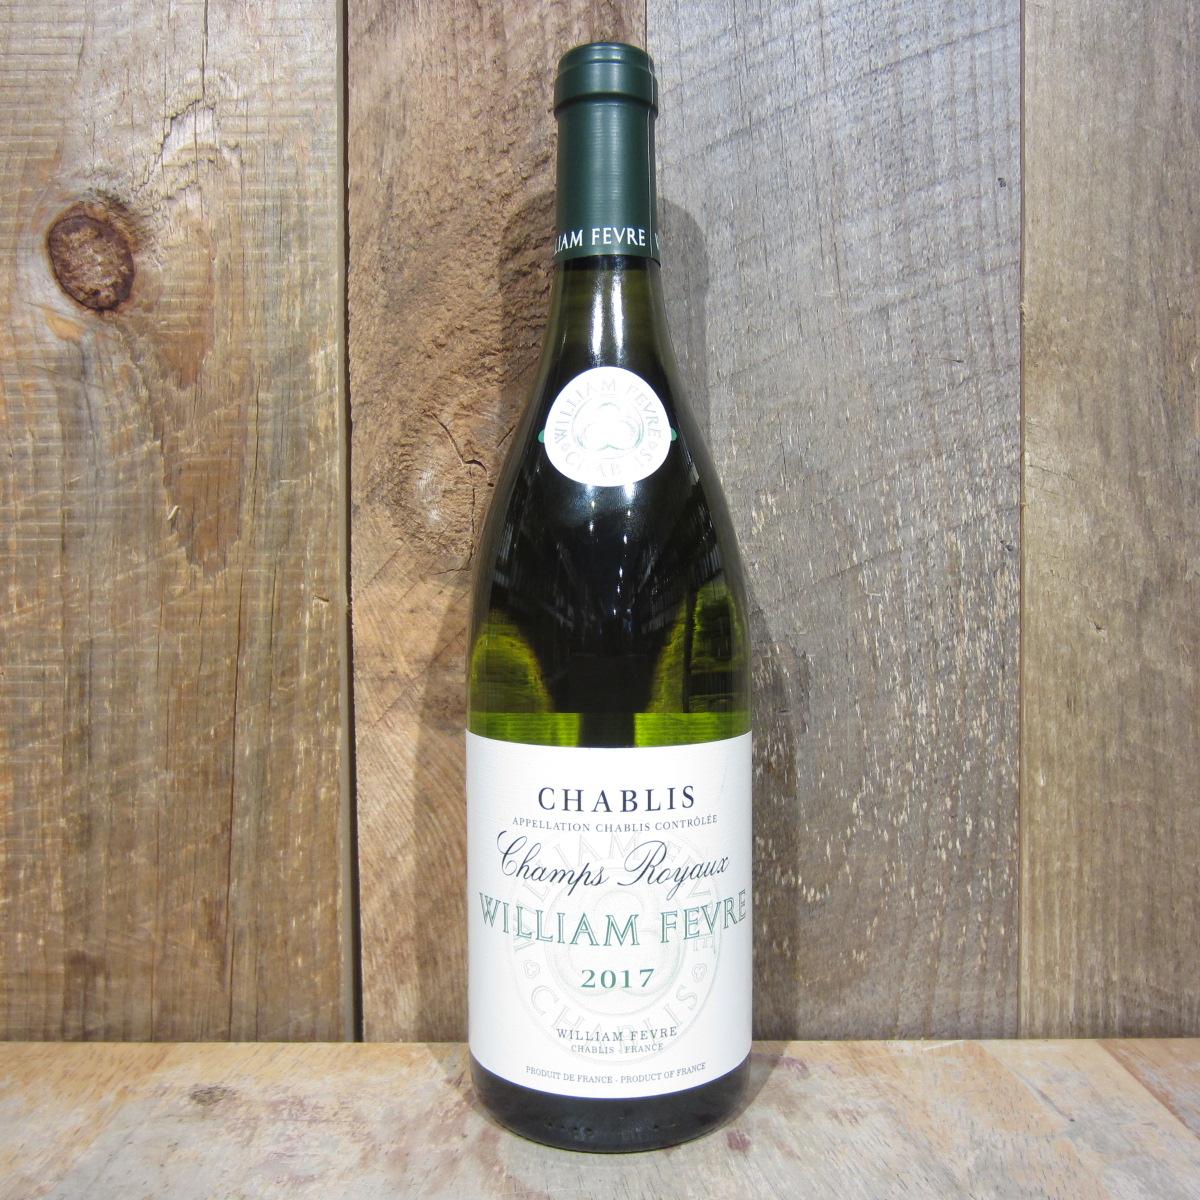 William Fevre Chablis Champs Royaux 2018 750ml